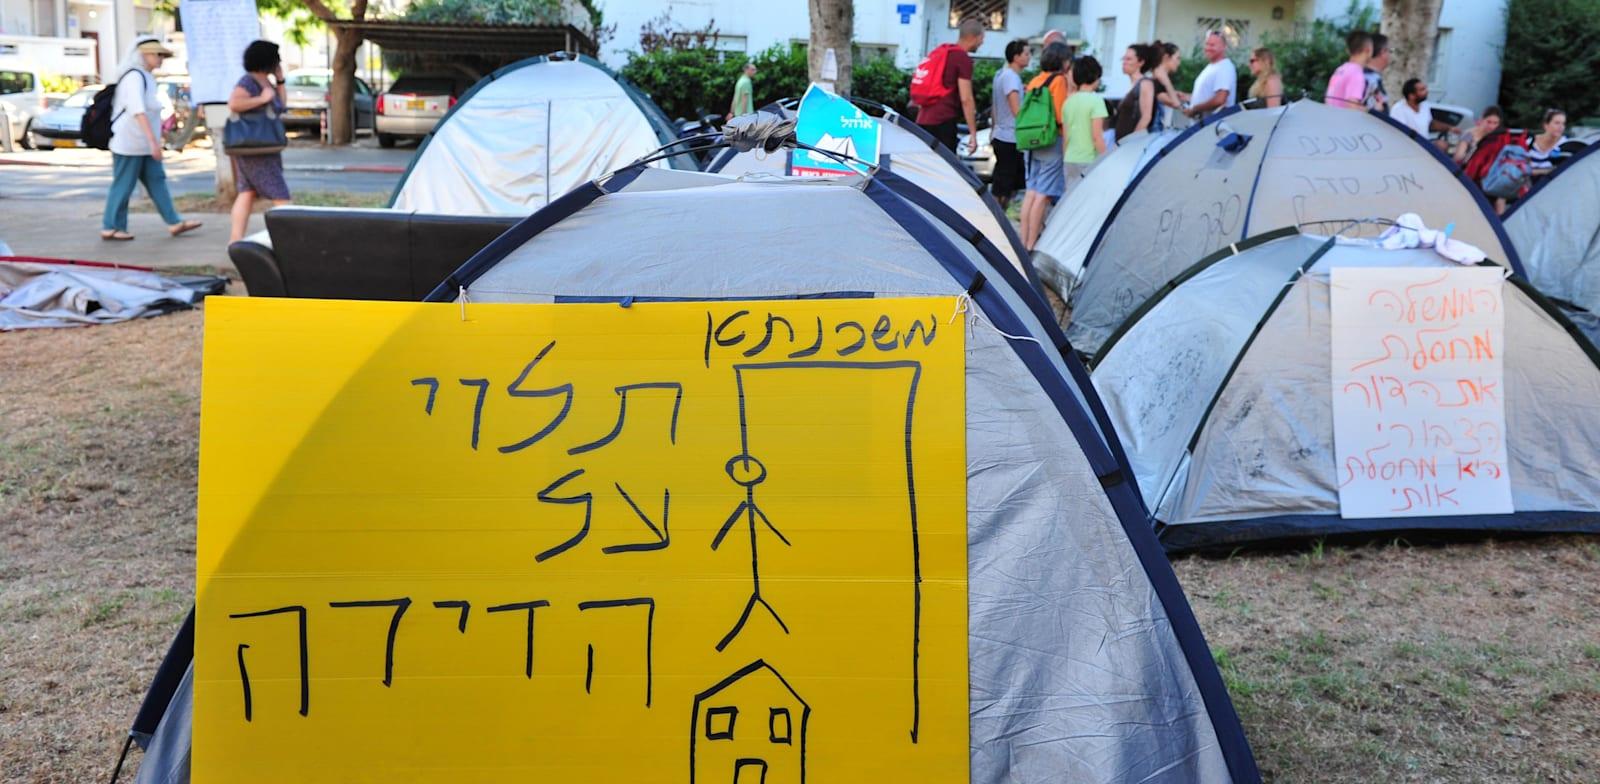 מחאת 2011. העירה את הממשלות / צילום: Shutterstock